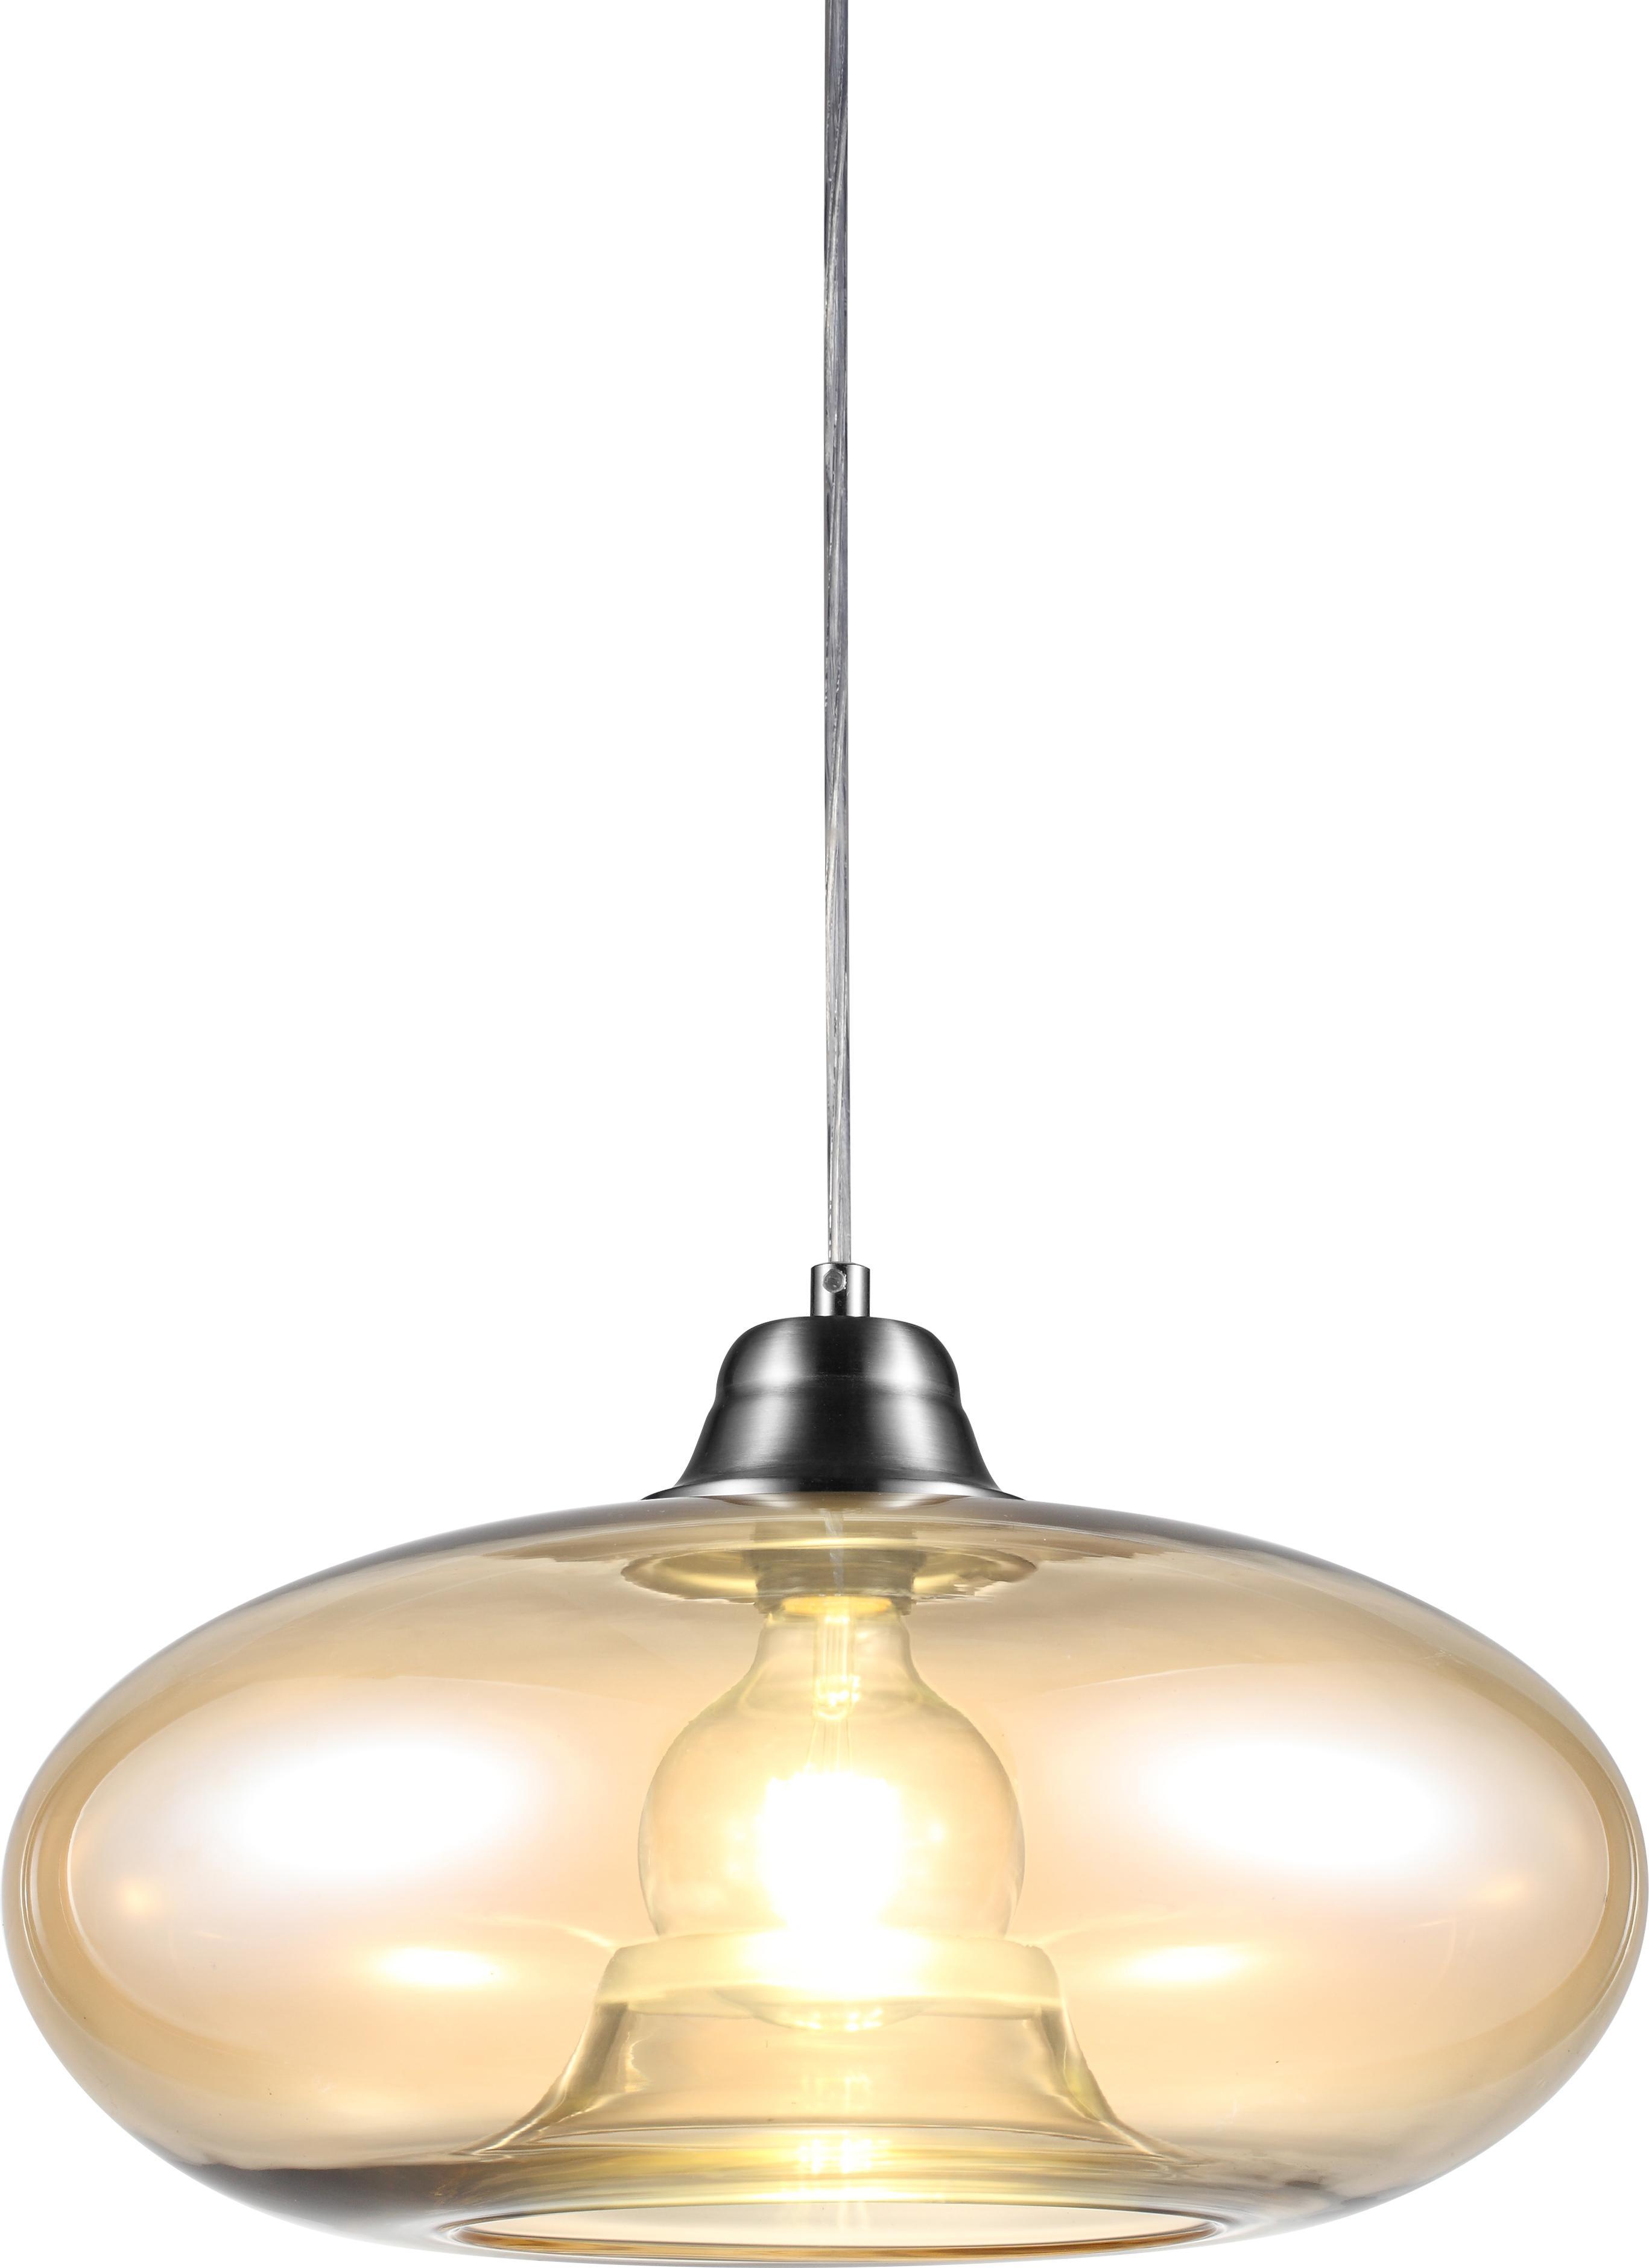 Nino Leuchten LED Pendelleuchte LILLE